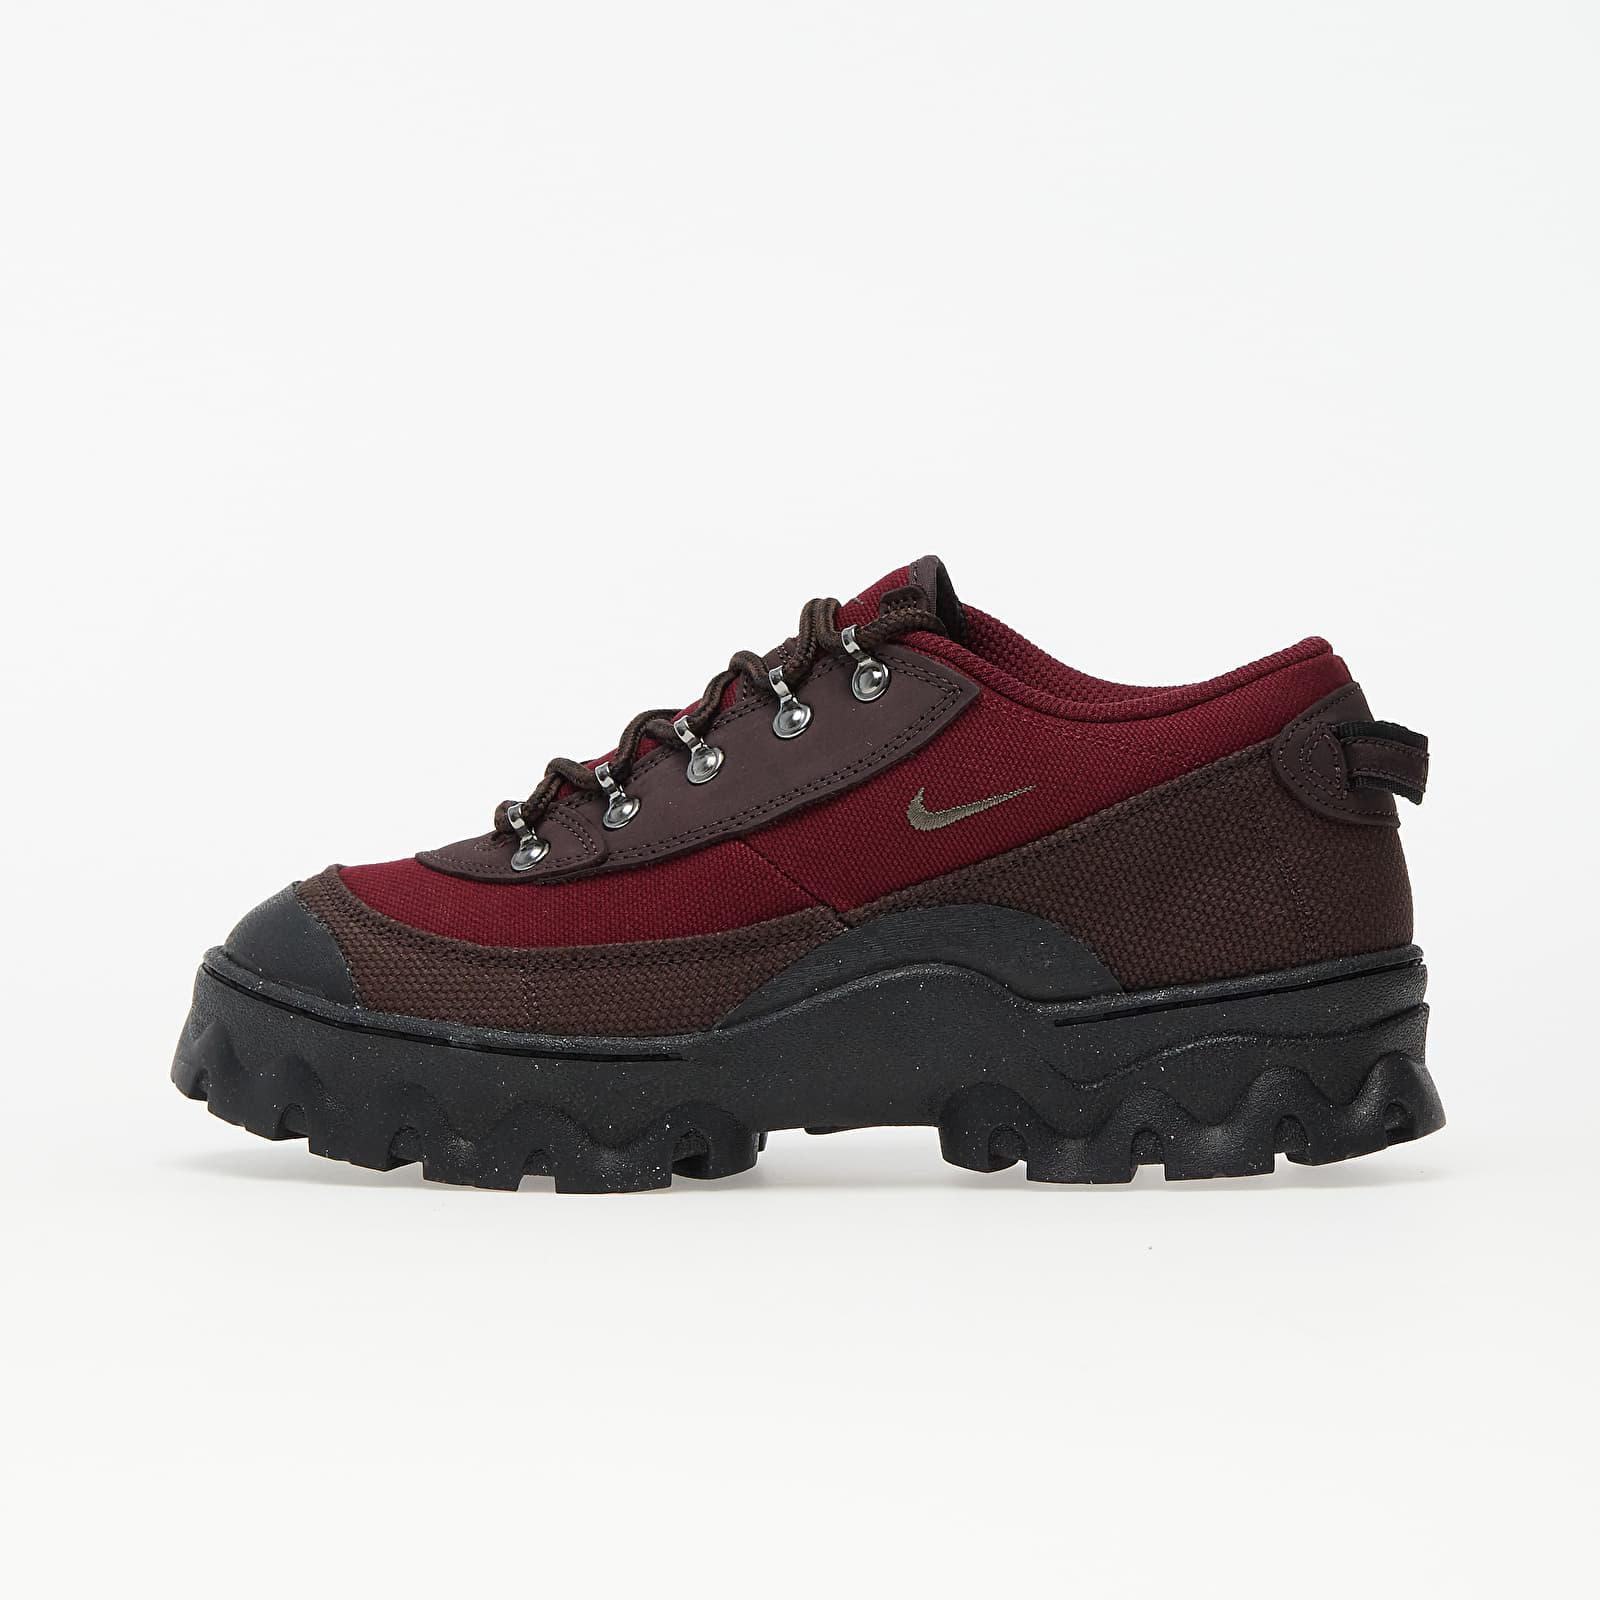 Nike Lahar Low Madeira/ Smoke-Dark Beetroot-Black EUR 43